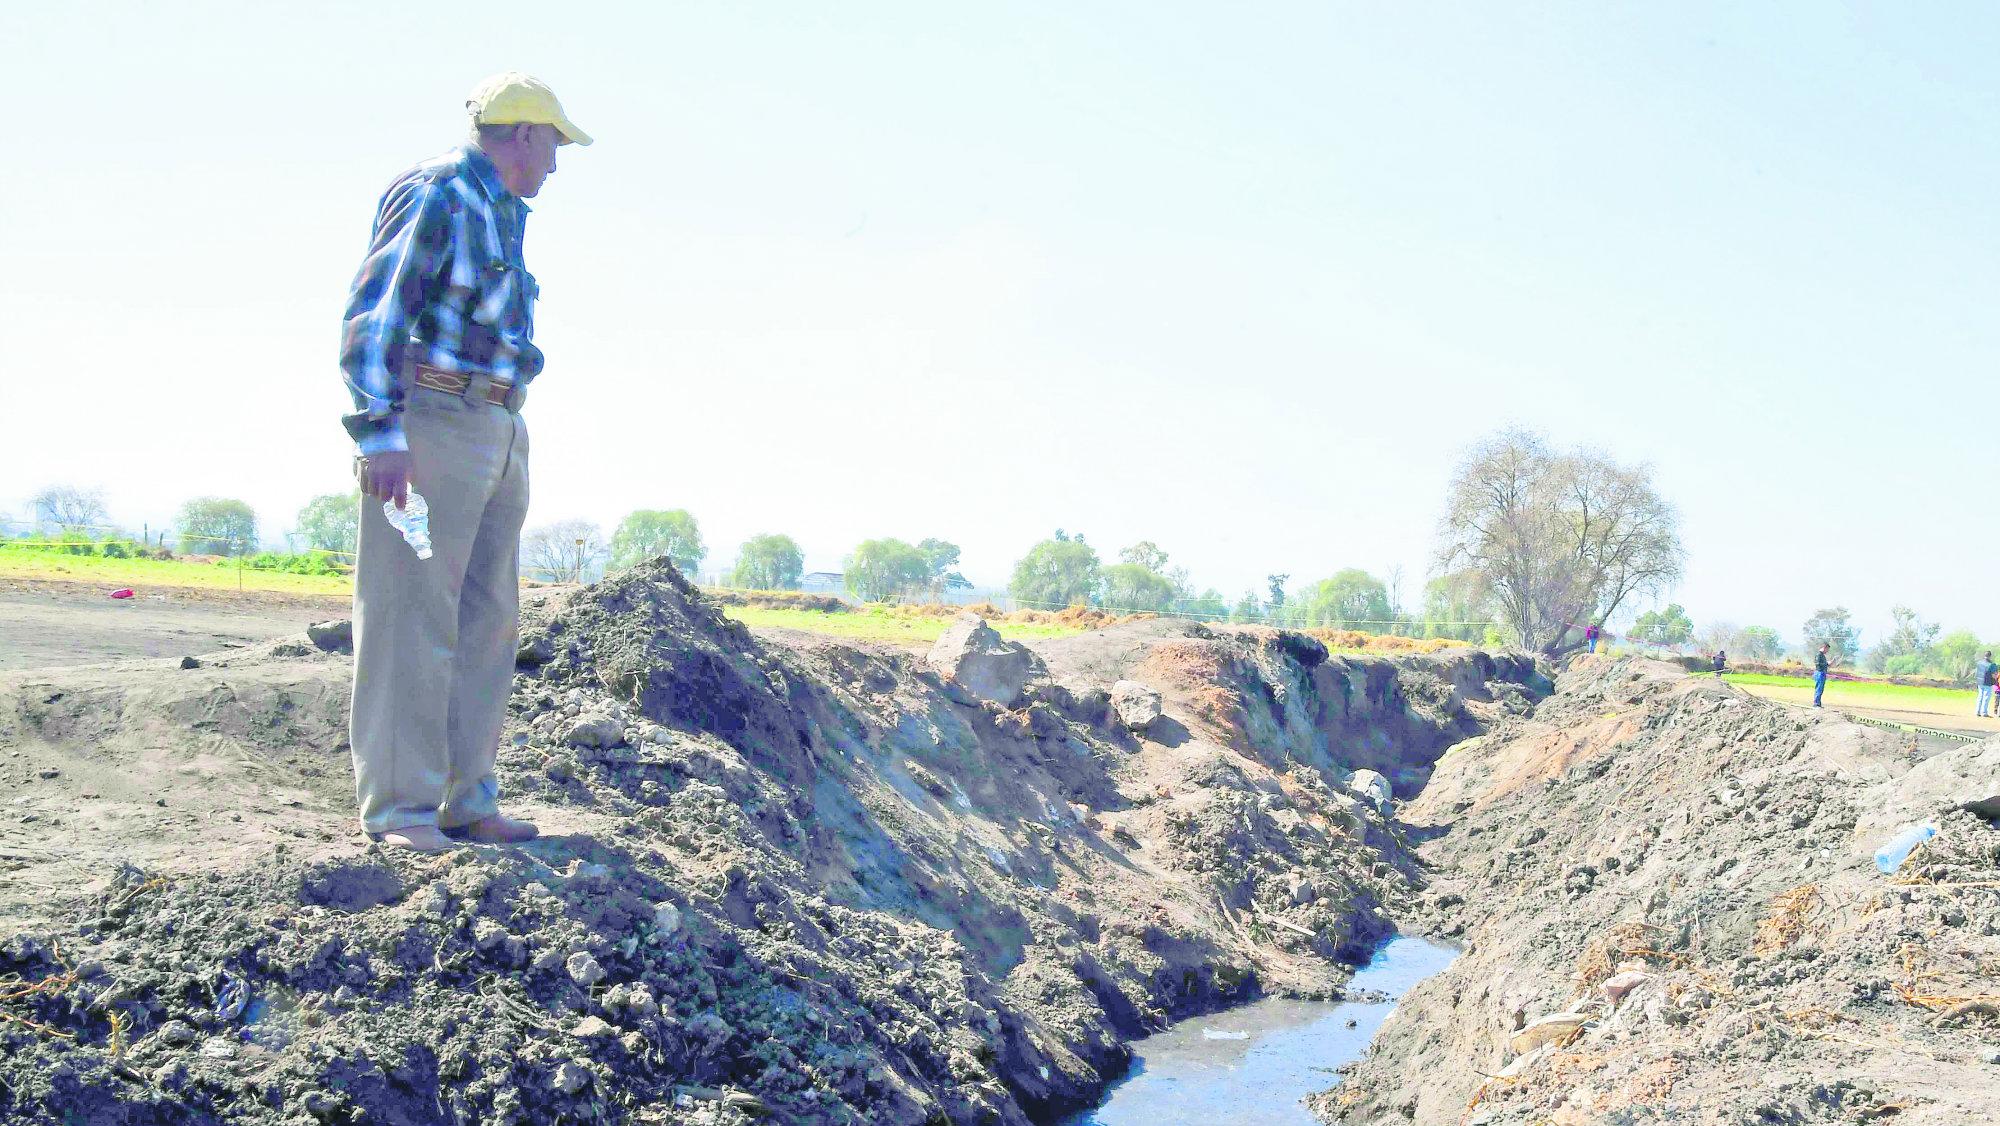 Pobreza falta de trabajo tragedia causas Tlahuelilpan Hidalgo